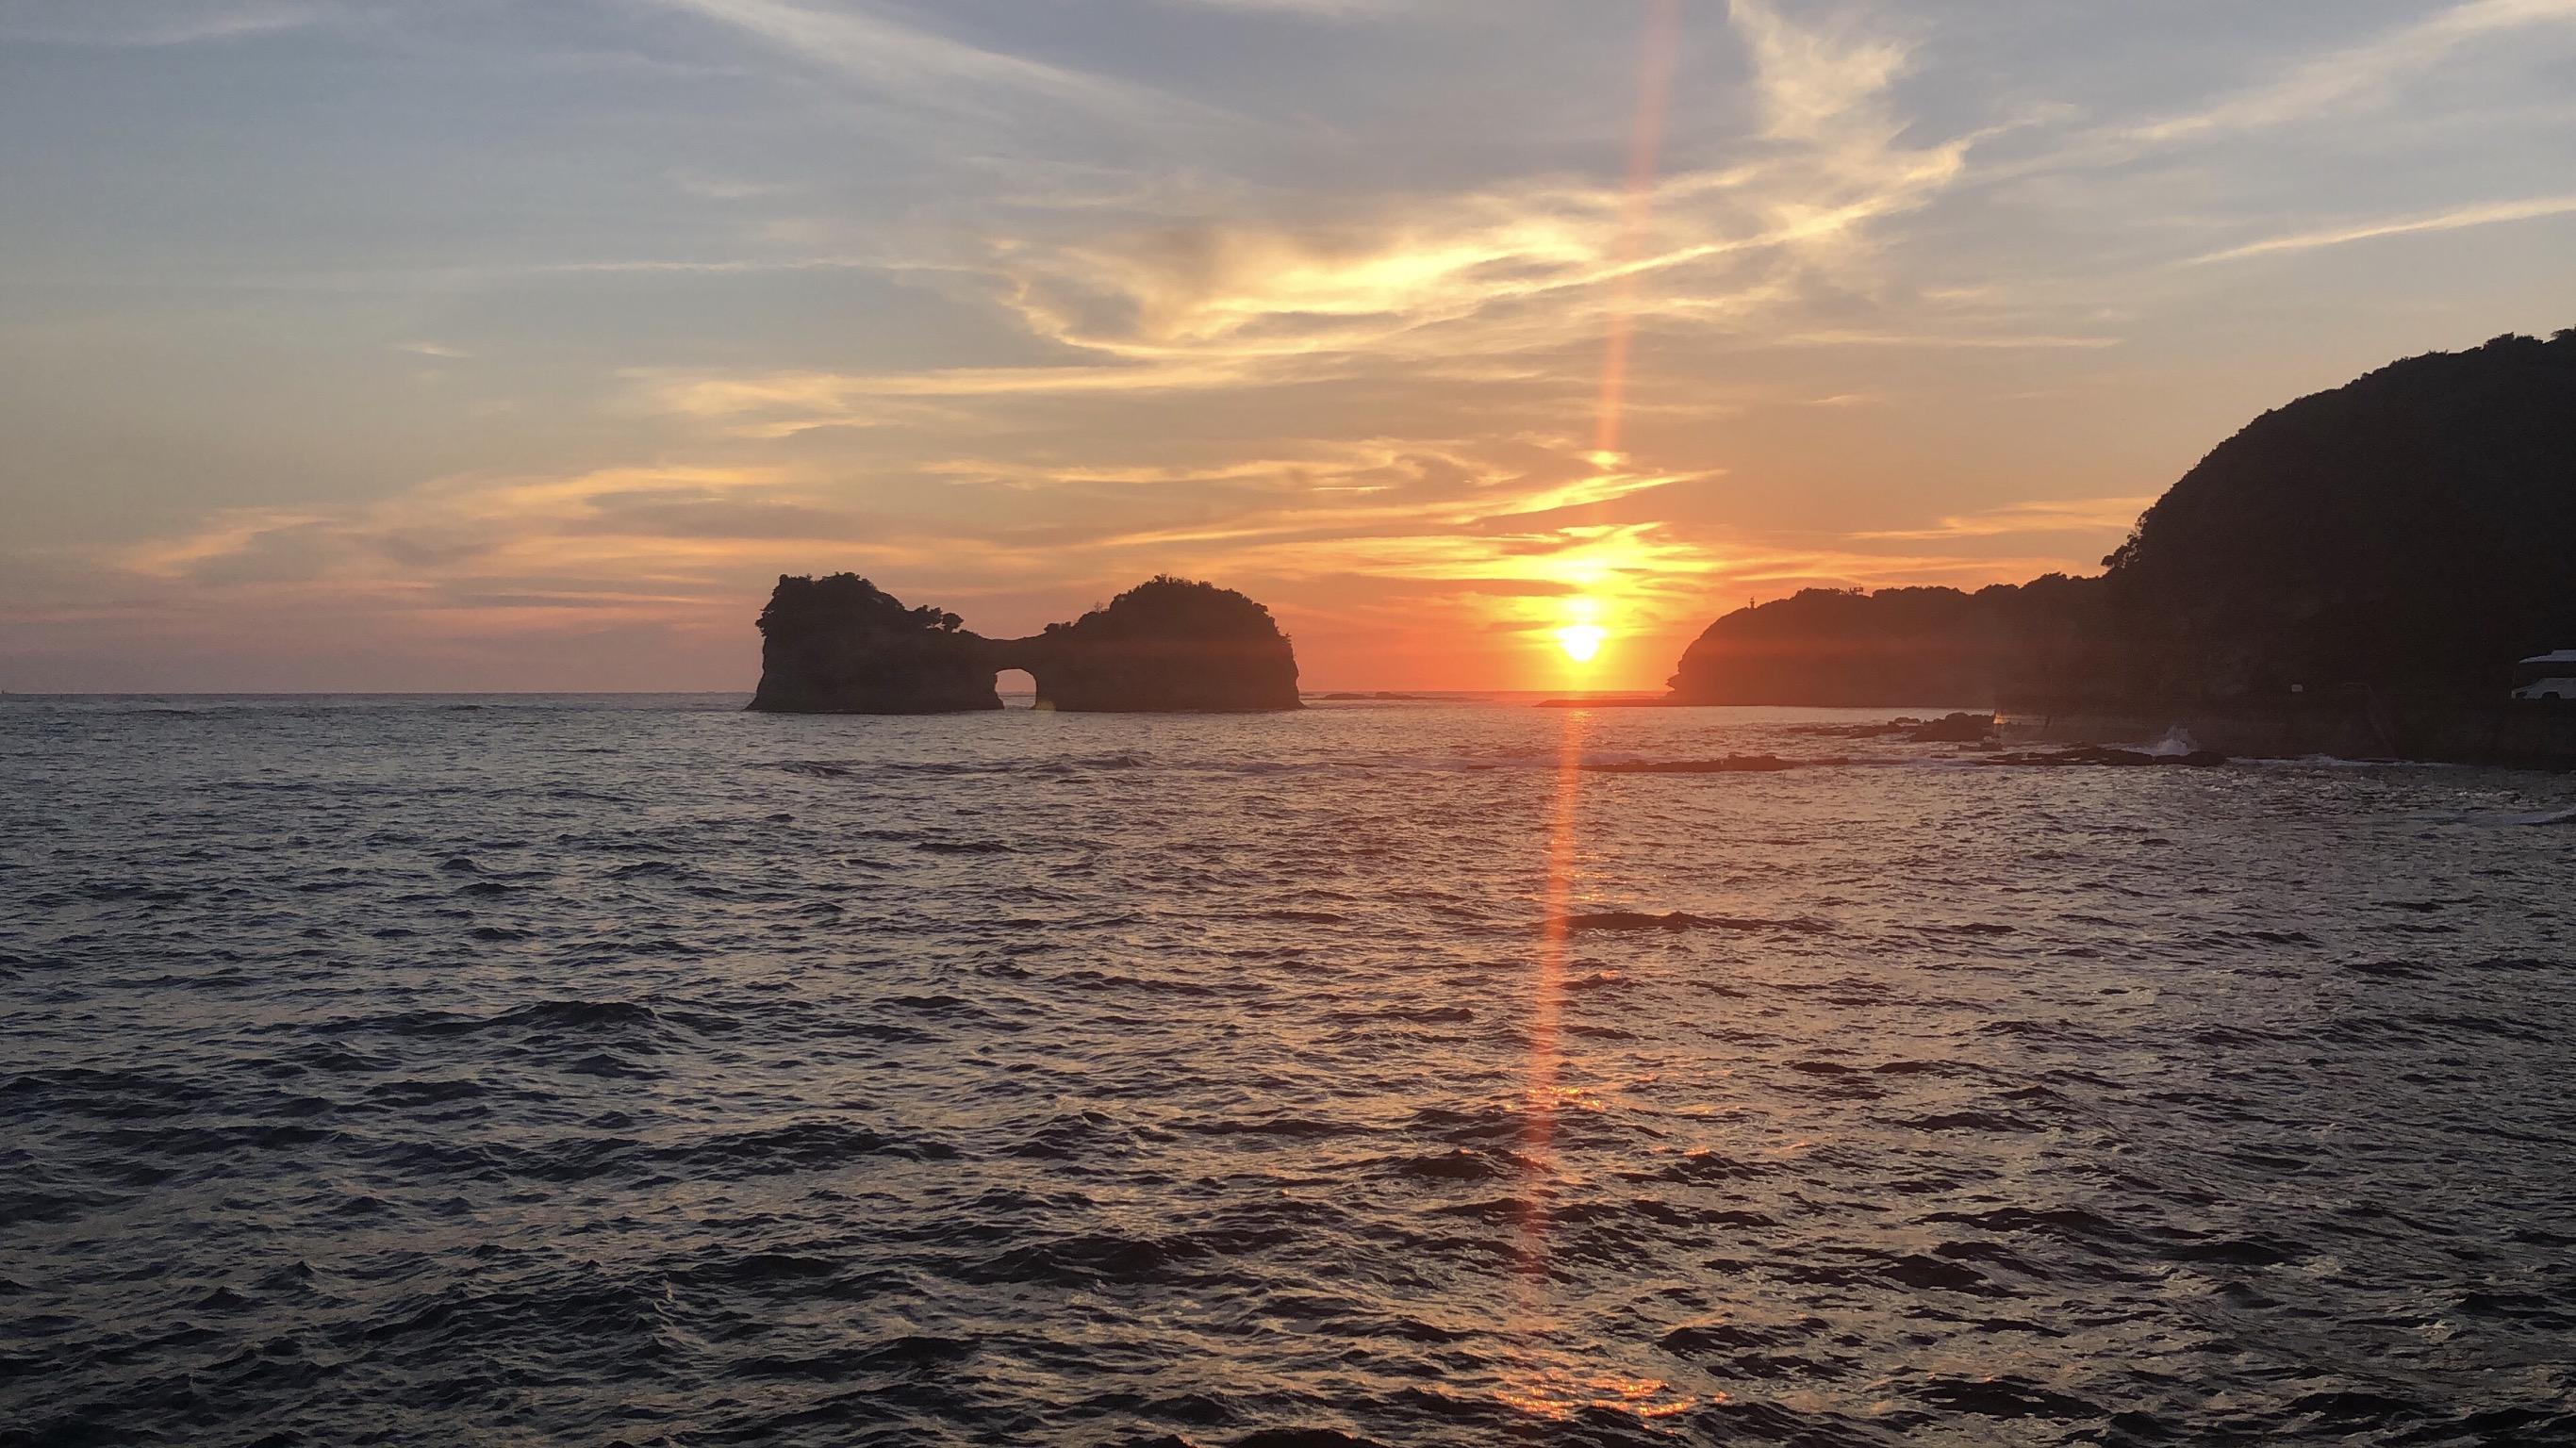 sun set 🌄のアイキャッチ画像